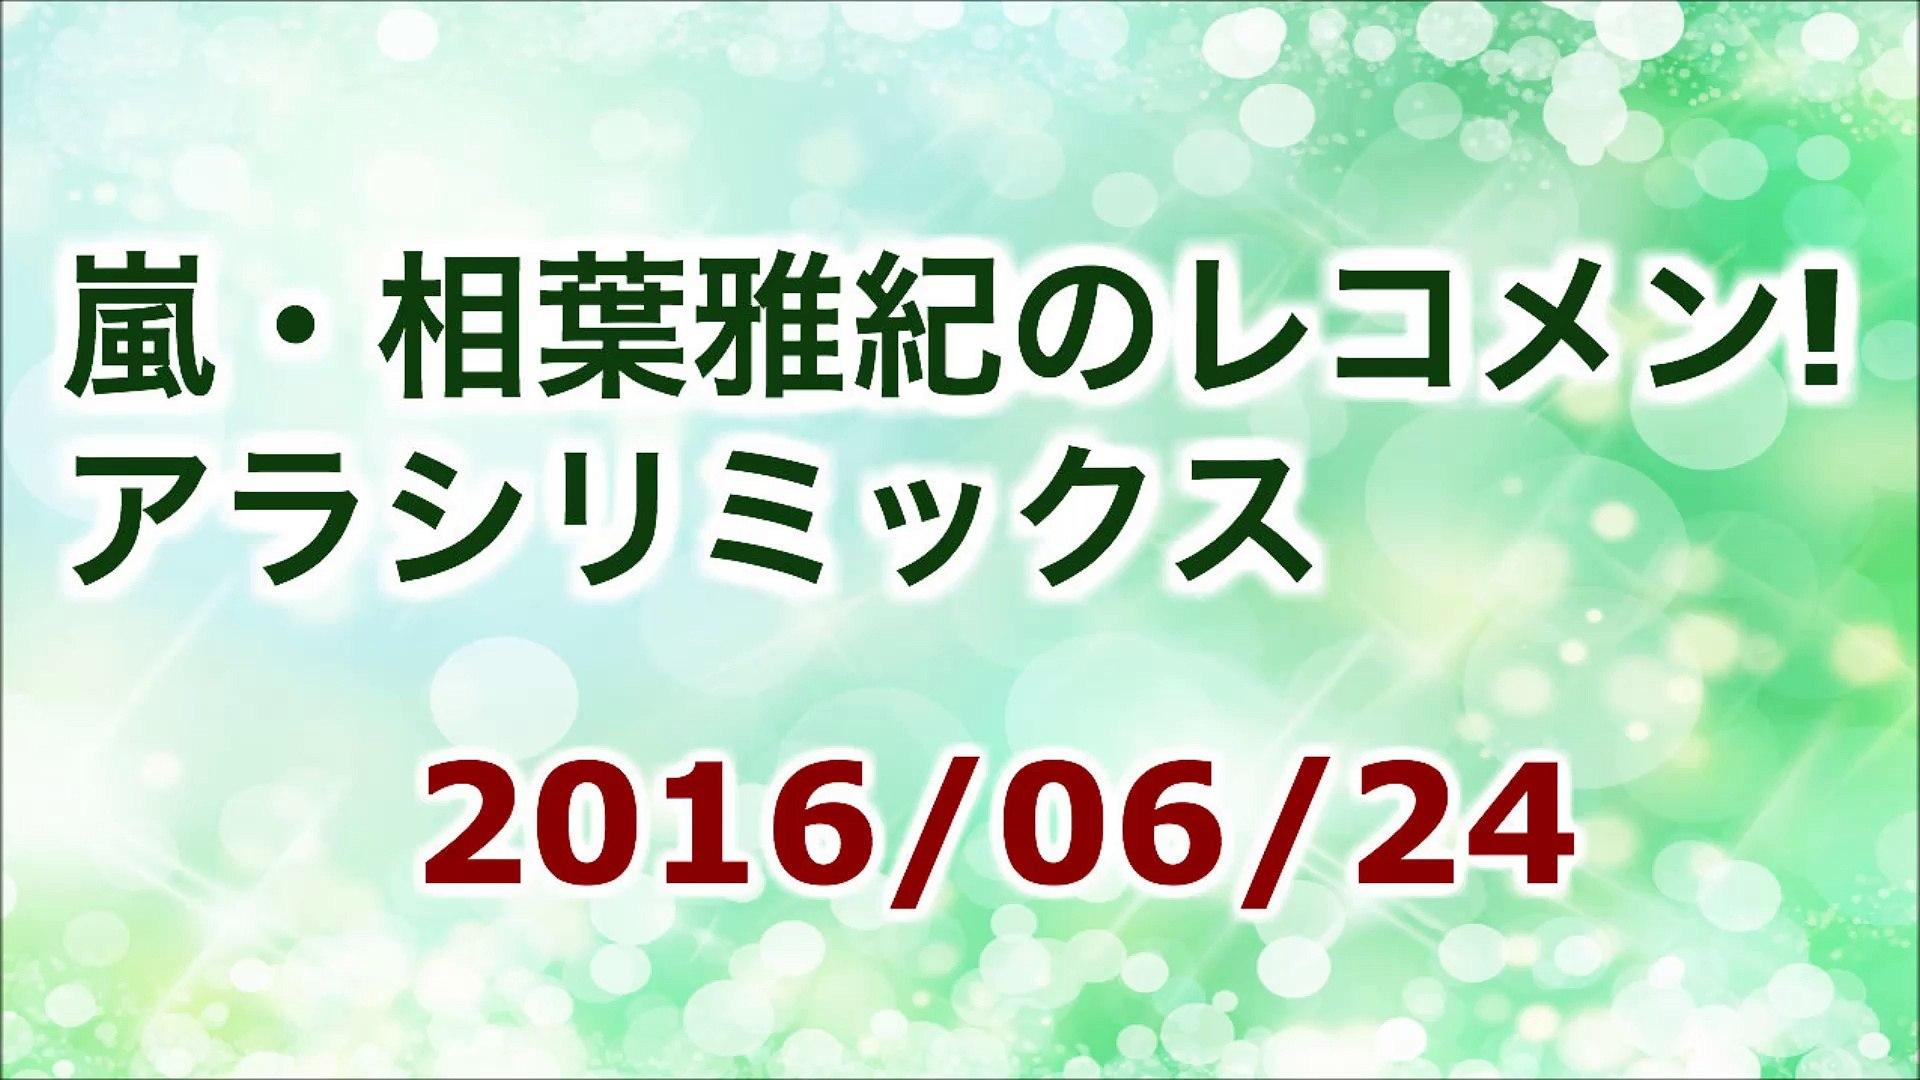 2016/06/24】嵐 相葉雅紀のレコメン!アラシリミックス - 動画 Dailymotion